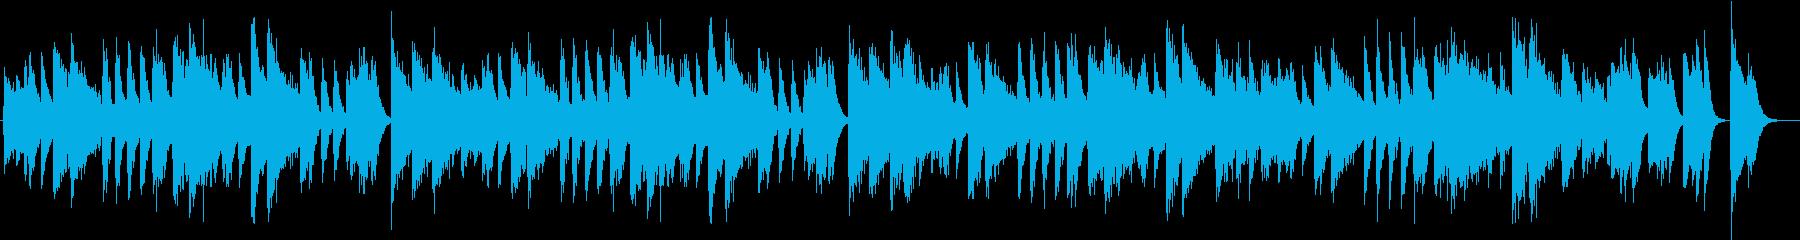 アップテンポクールジャズのピアノBGMの再生済みの波形